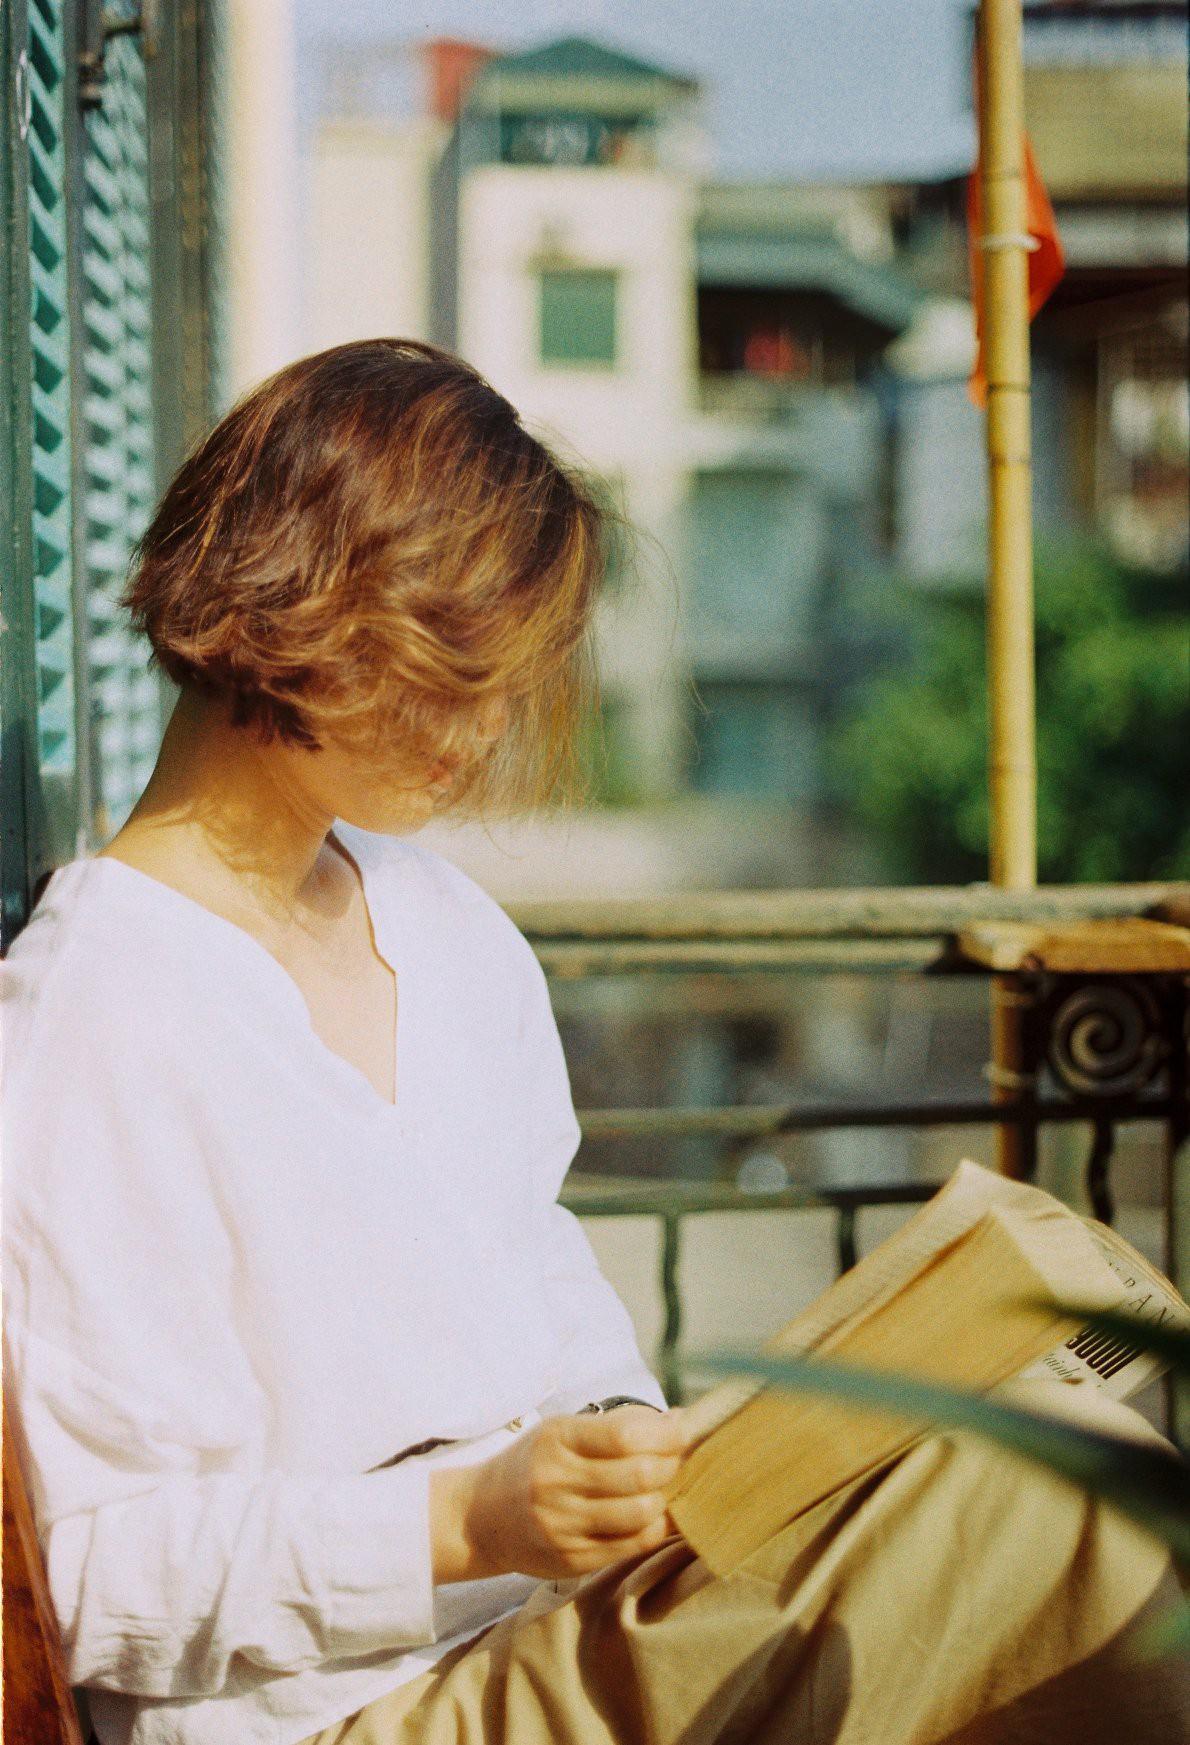 18 tuổi mới đi cafe với mẹ lần đầu tiên, con gái cho ra bộ ảnh film nàng thơ U50 so deep - Ảnh 2.